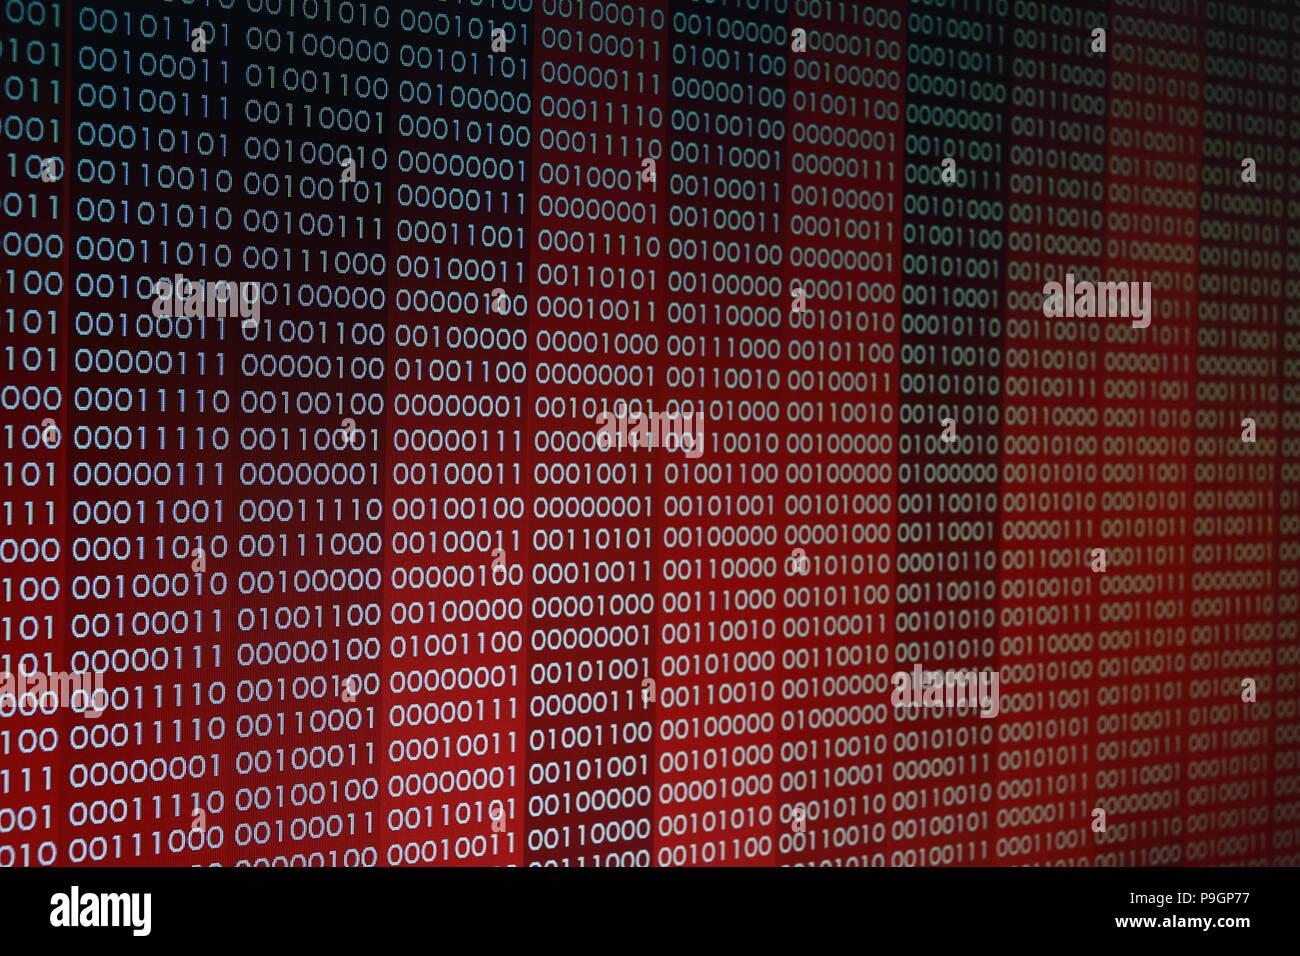 Rojo los números de código binario de bits de datos de información de fondo con rescate texto en la línea de codificación. Equipo de rescate sistema violado virus conceptos falla Imagen De Stock